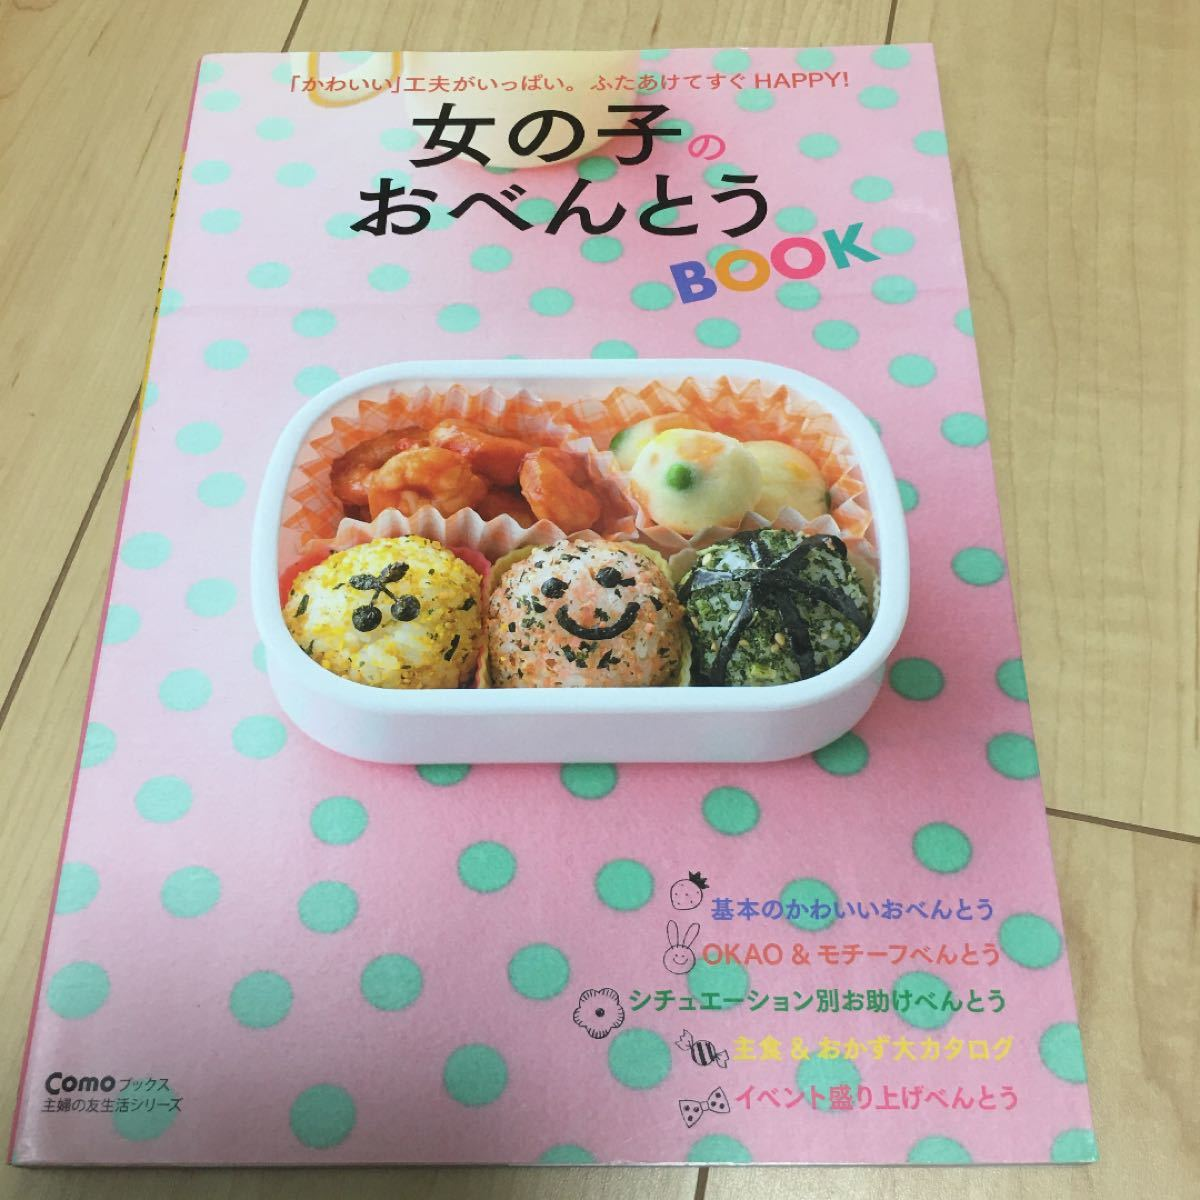 女の子のおべんとうBOOK : ふたあけてすぐHAPPY! お弁当レシピ